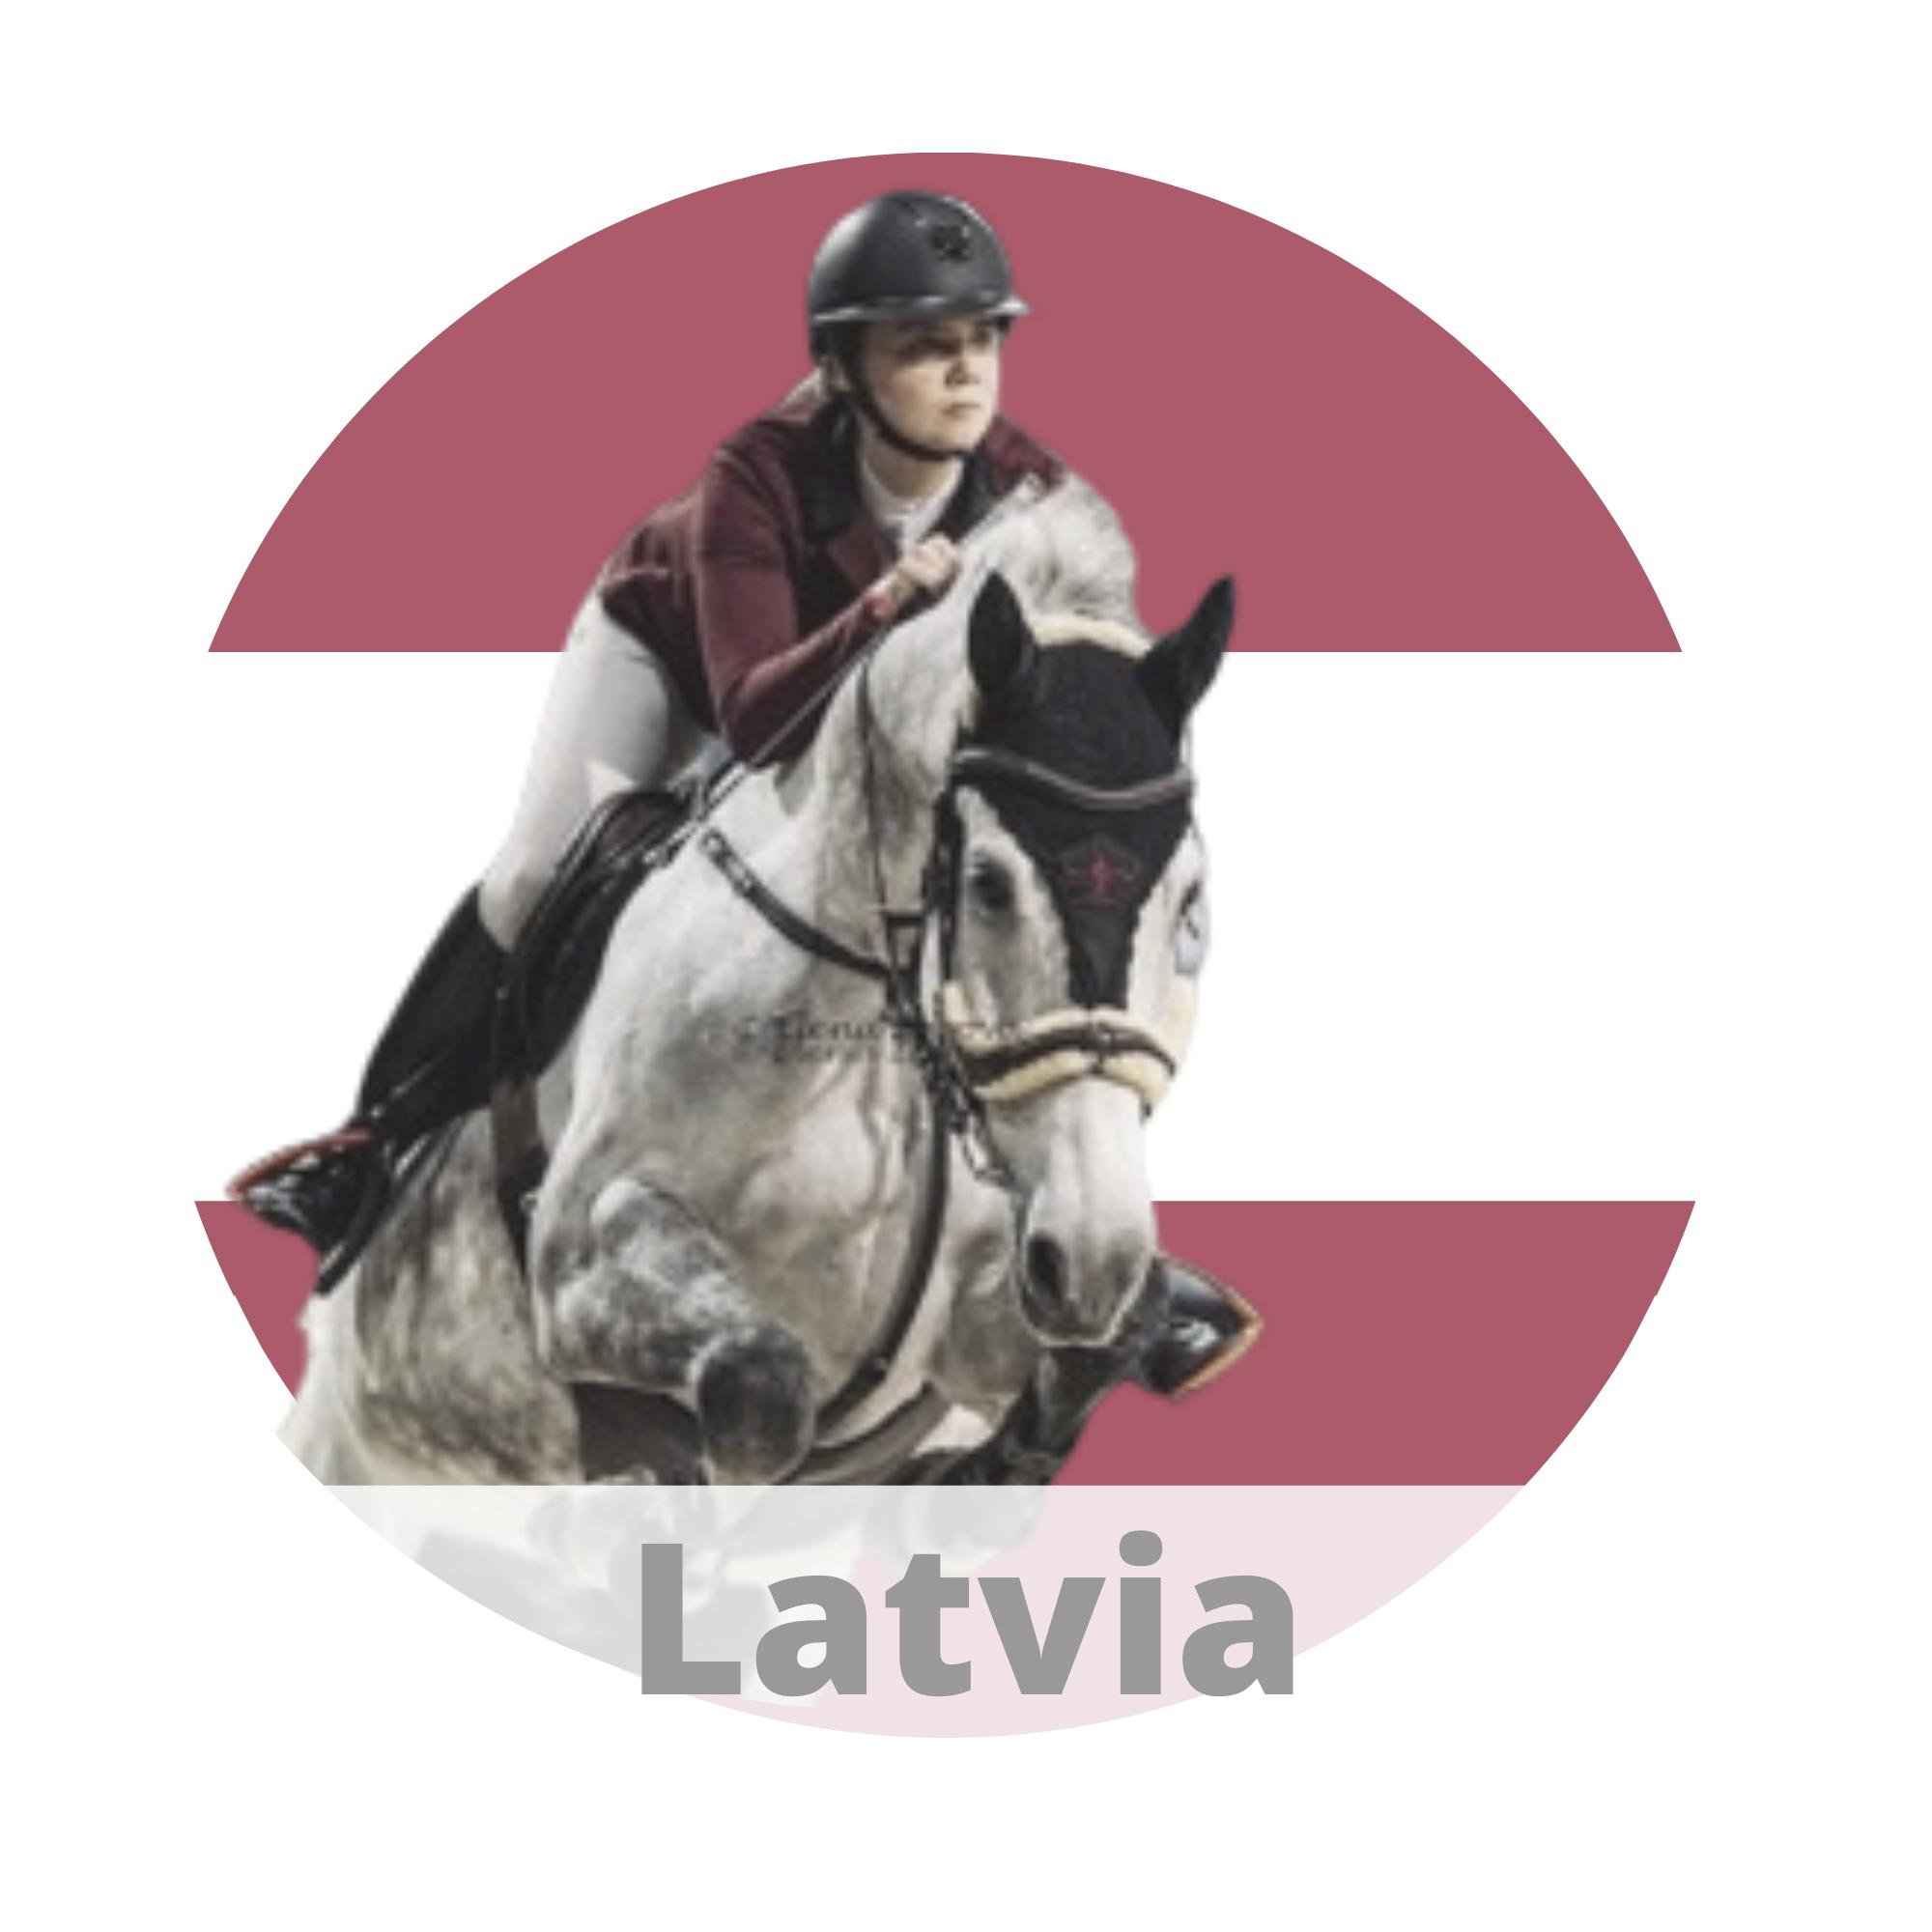 Latvia (4)